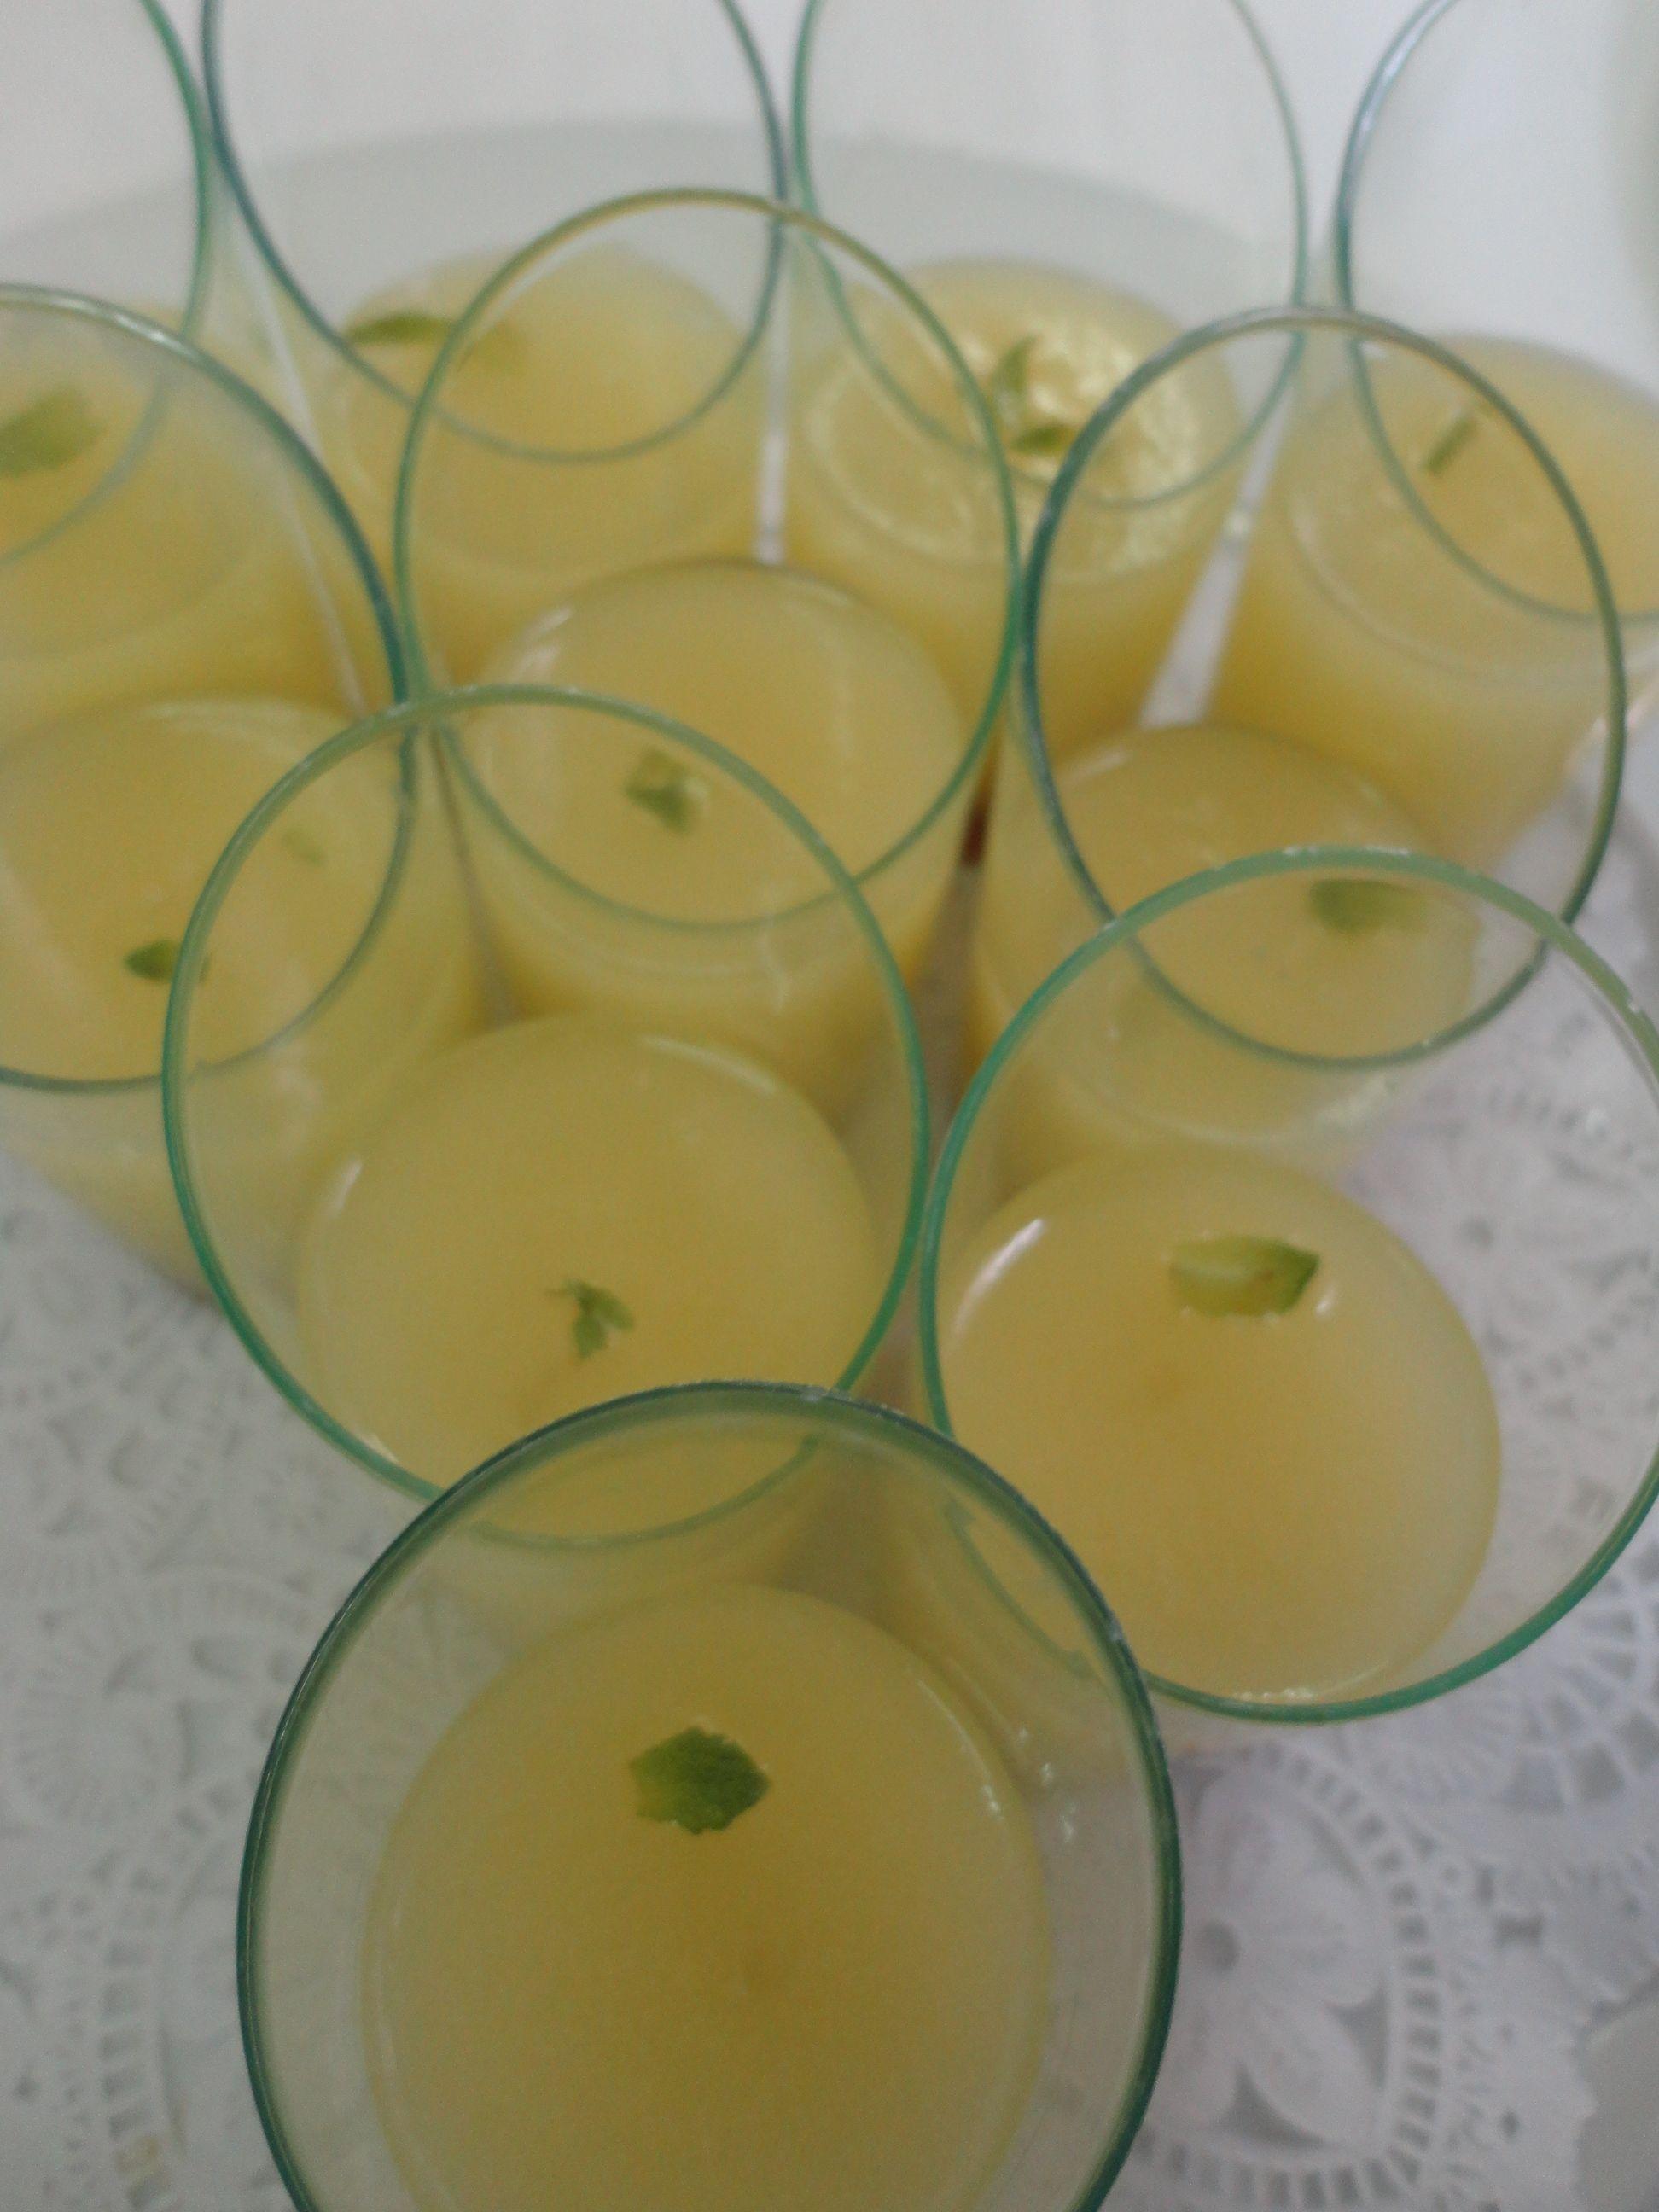 Xupito de crema de meló * Melon shot